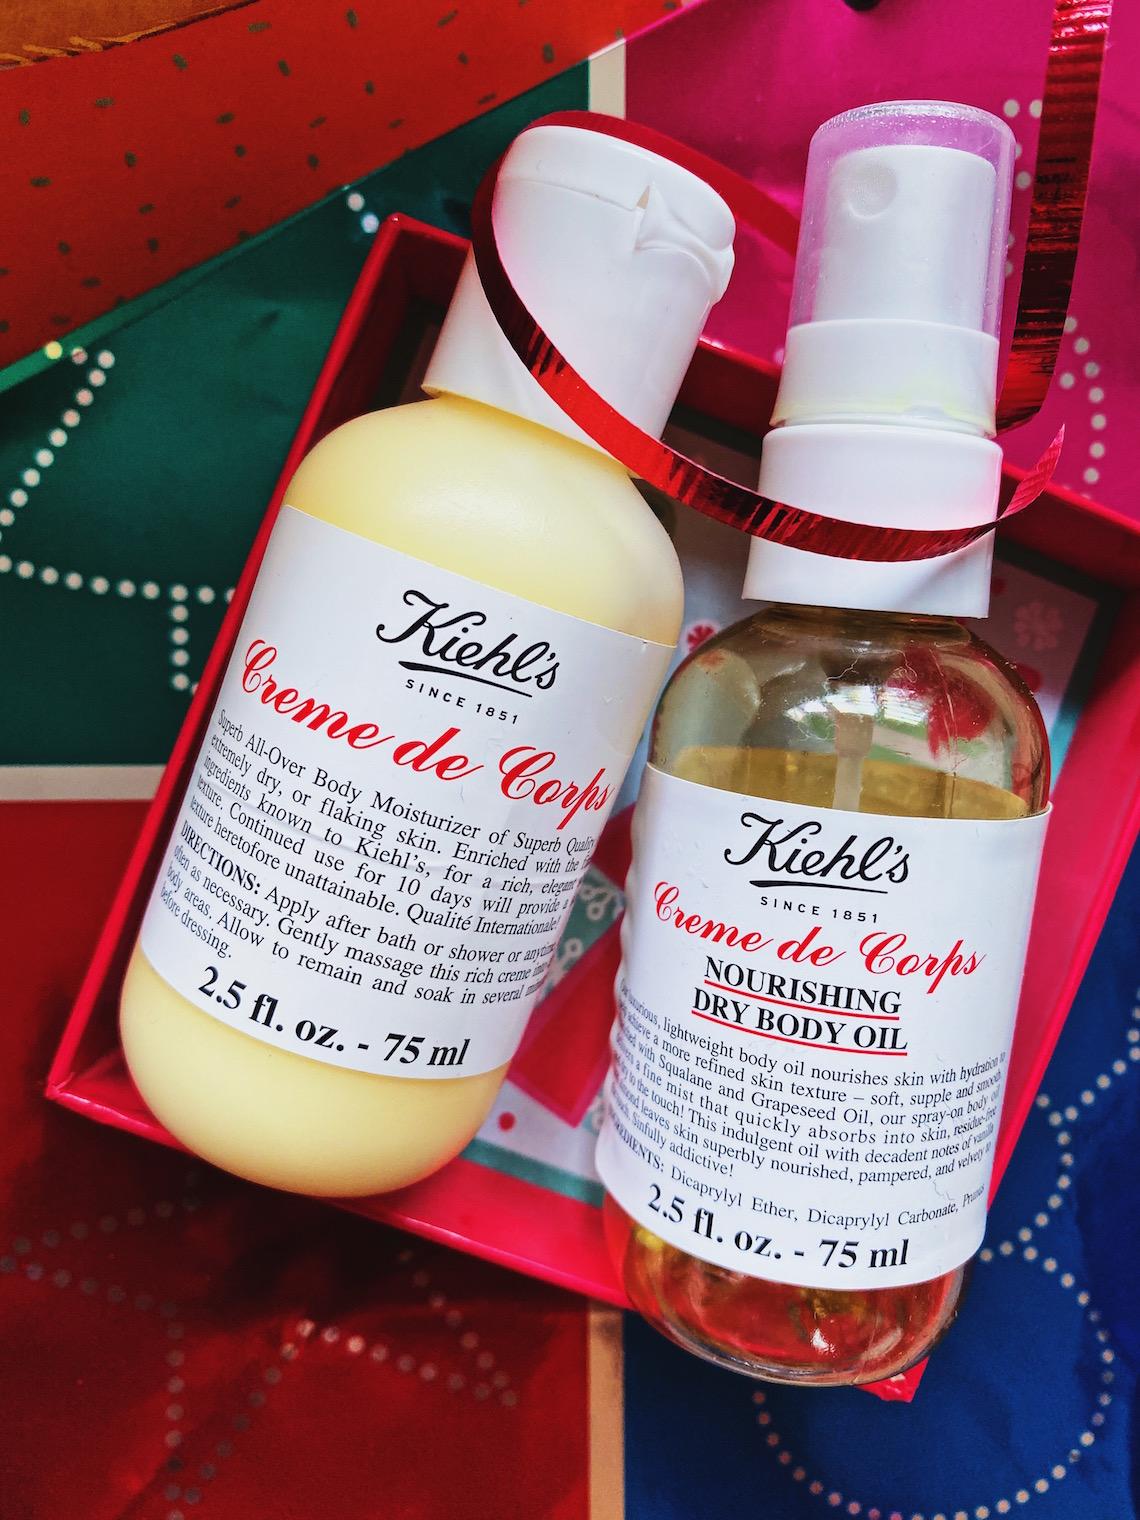 creme de corps-kiehls-dry body oil-moisturizer